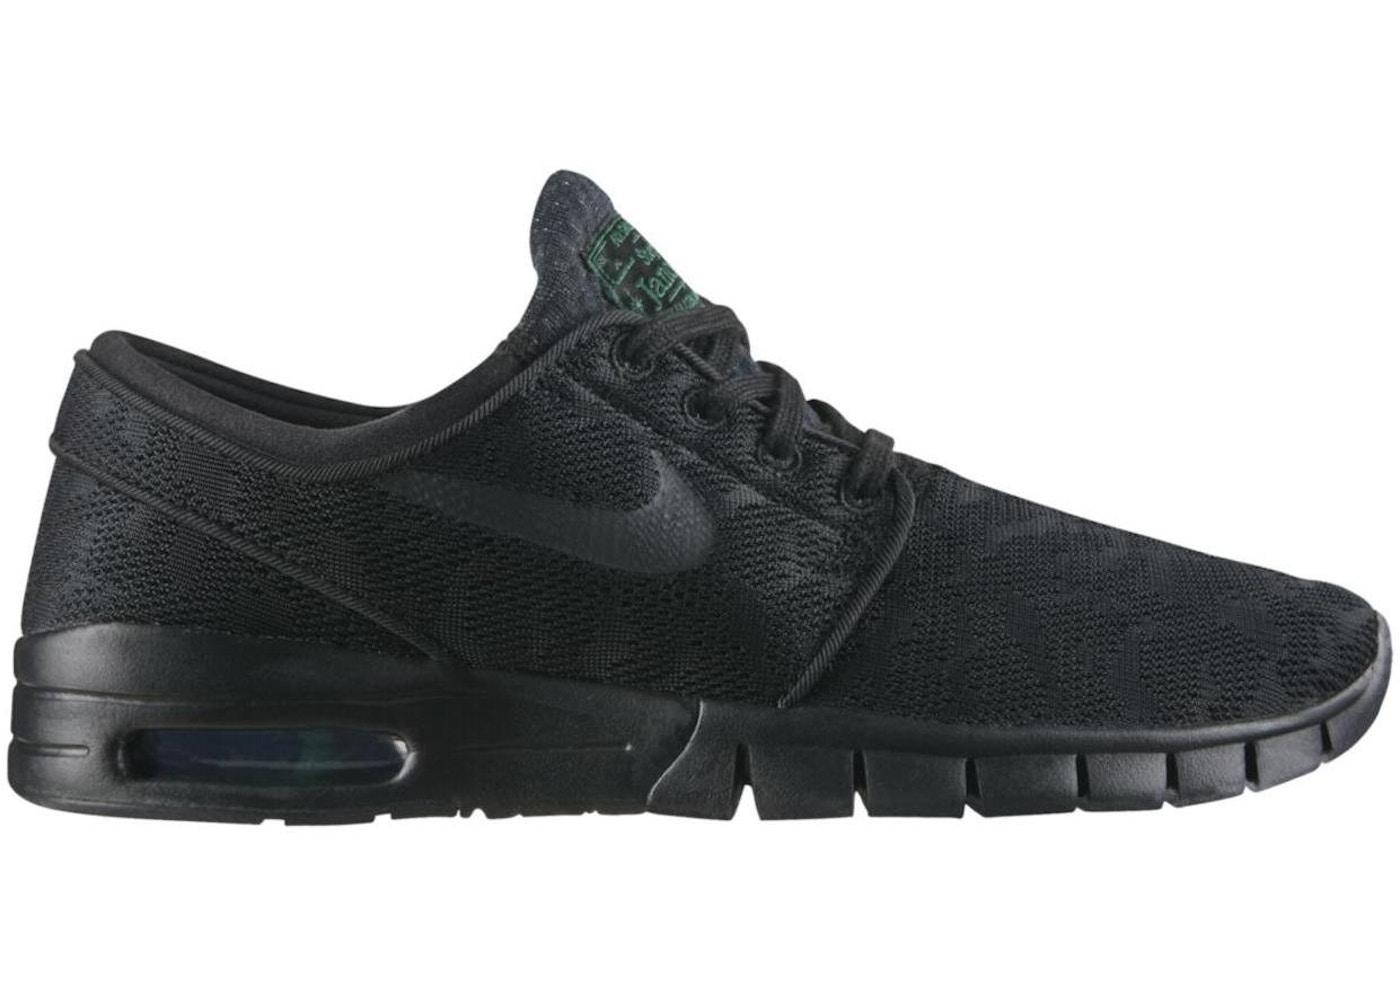 2a31853732 Nike SB Stefan Janoski Max Black Green - 631303-003